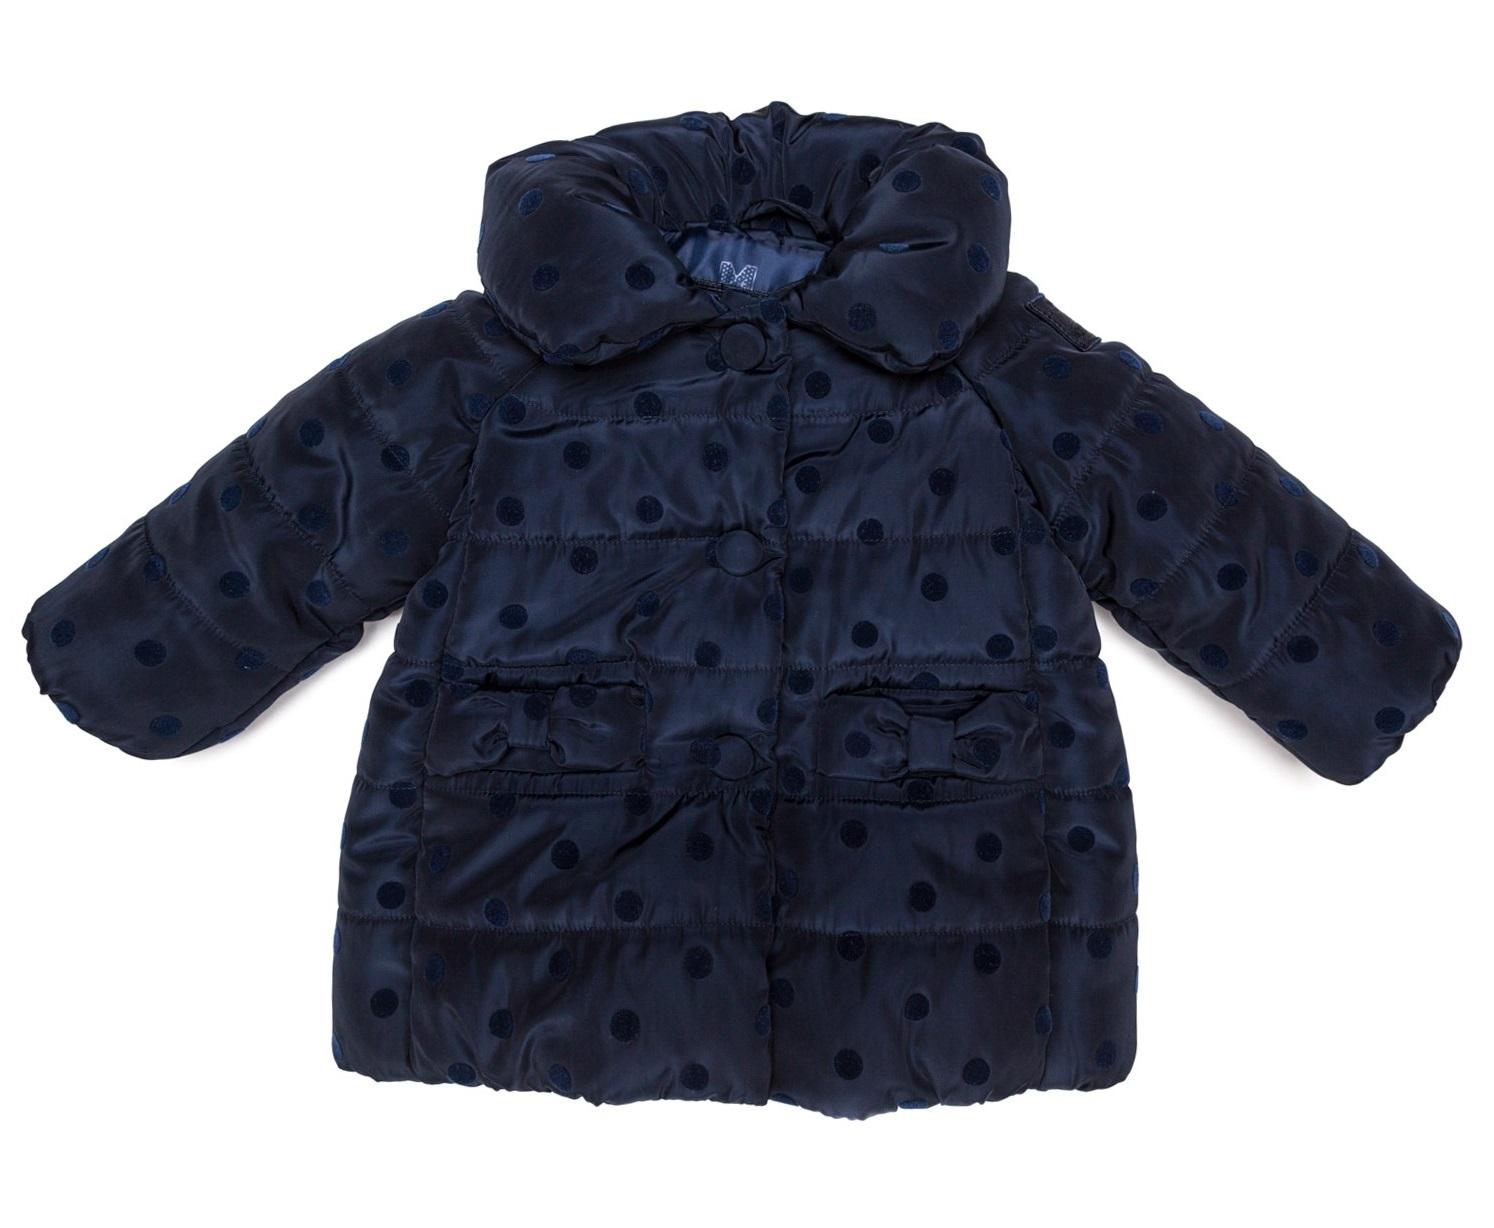 miss blumarine cappotti 1433122769 p_n_136673_C